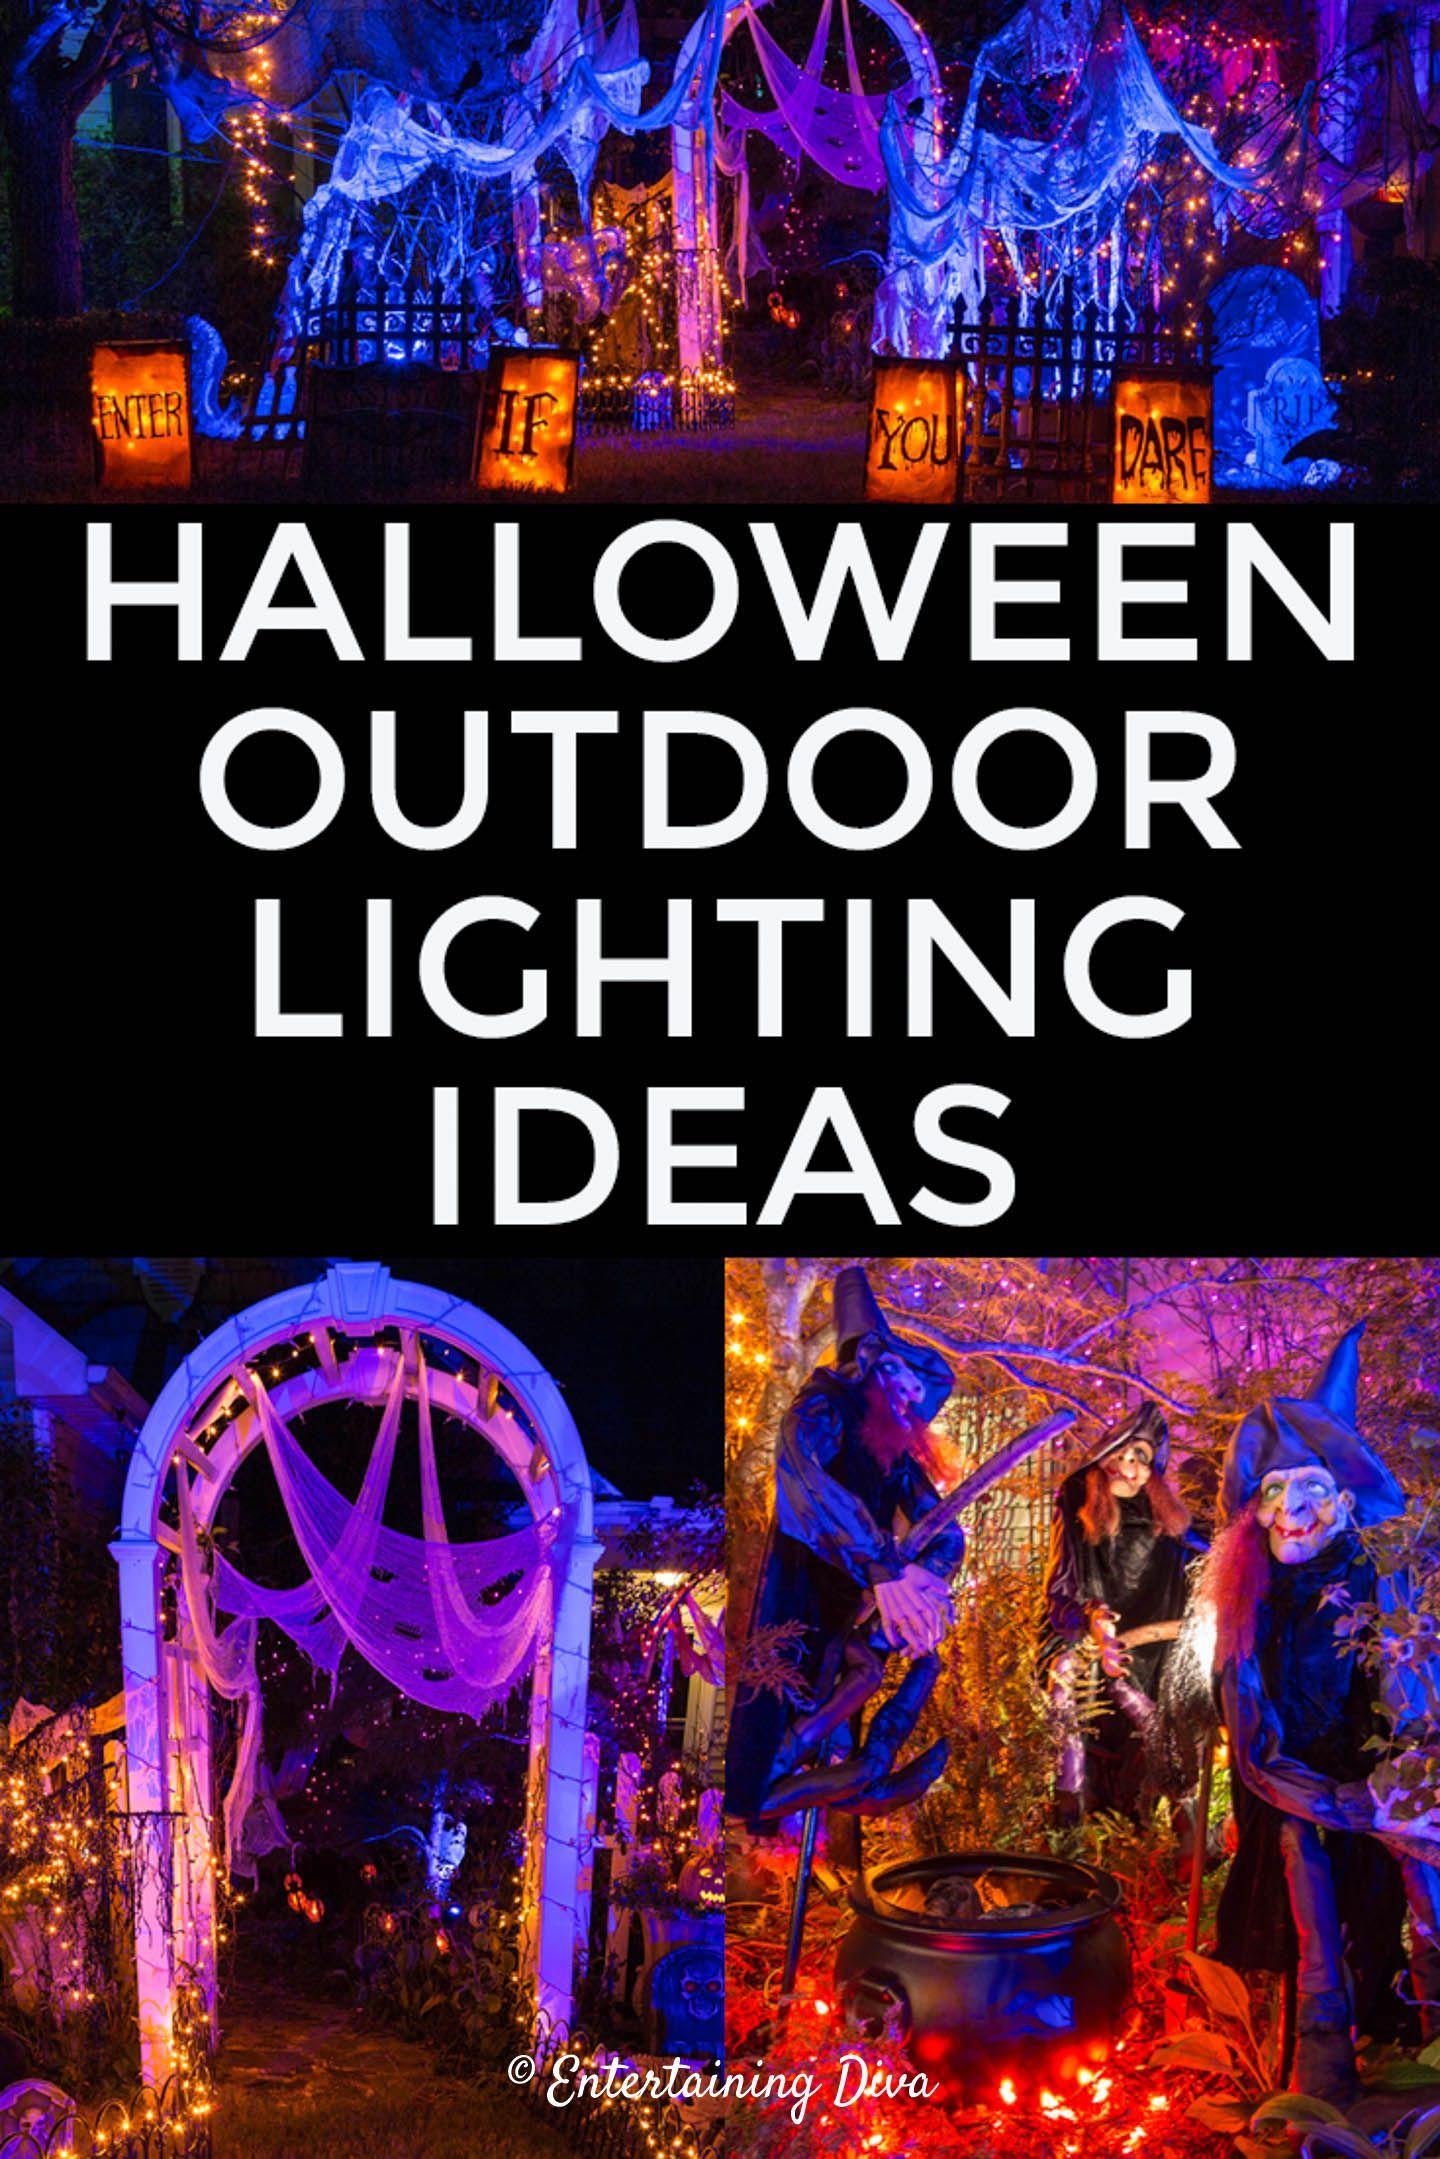 Halloween Outdoor Lighting Ideas 18 Spooky Ways To Light Your Yard With Images Halloween Outdoor Decorations Outdoor Halloween Halloween Lighting Outdoor